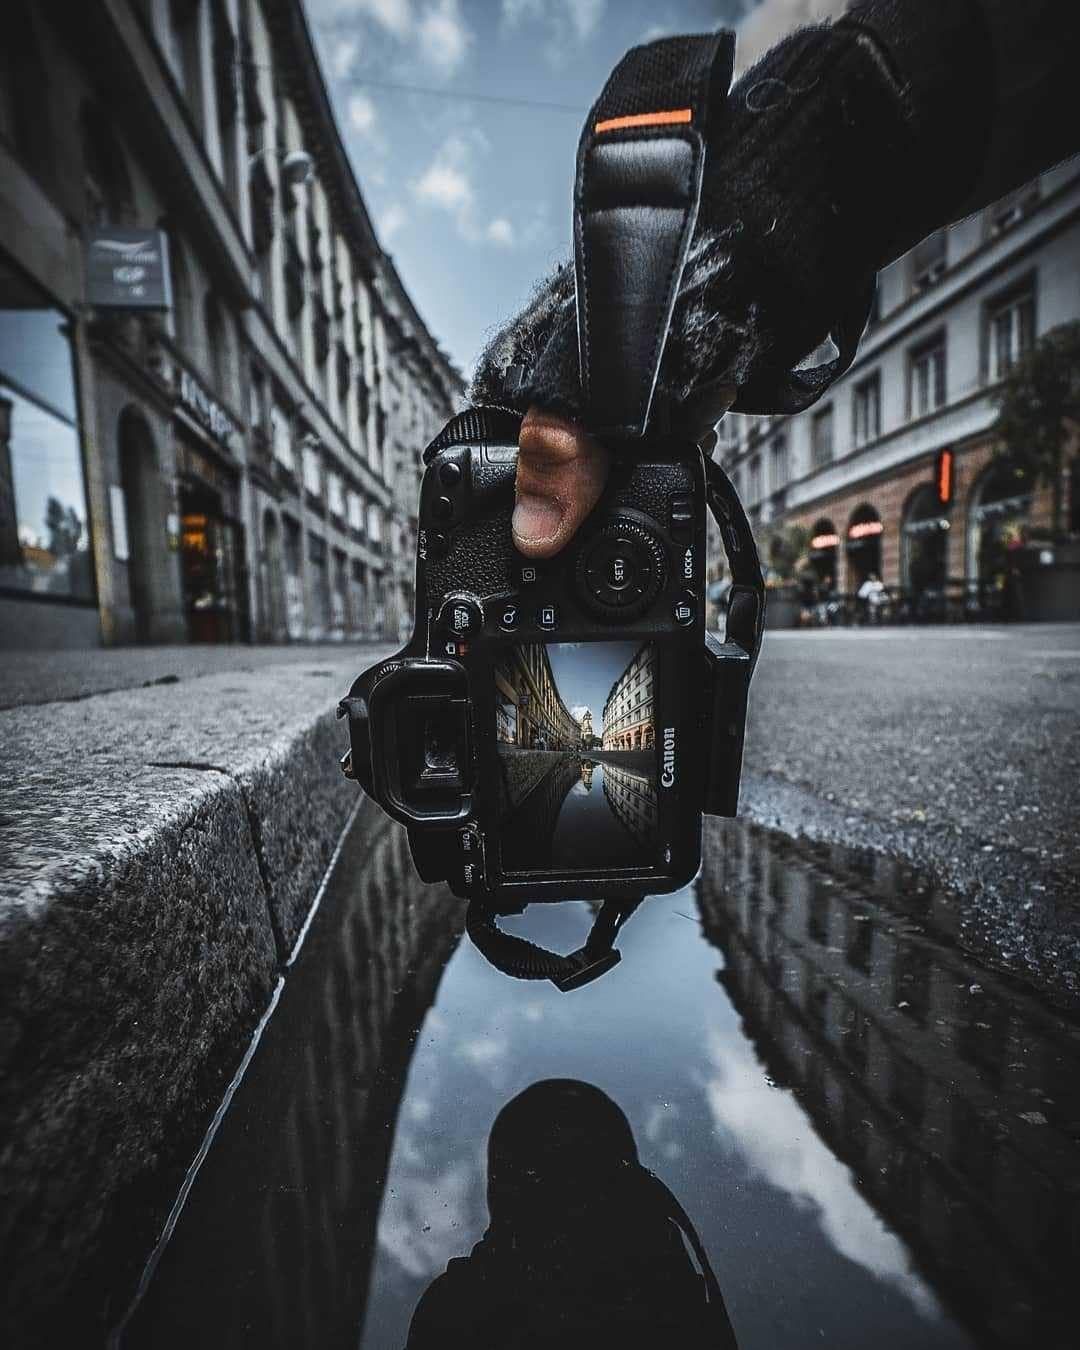 инстаграм самого известного фотографа нужно